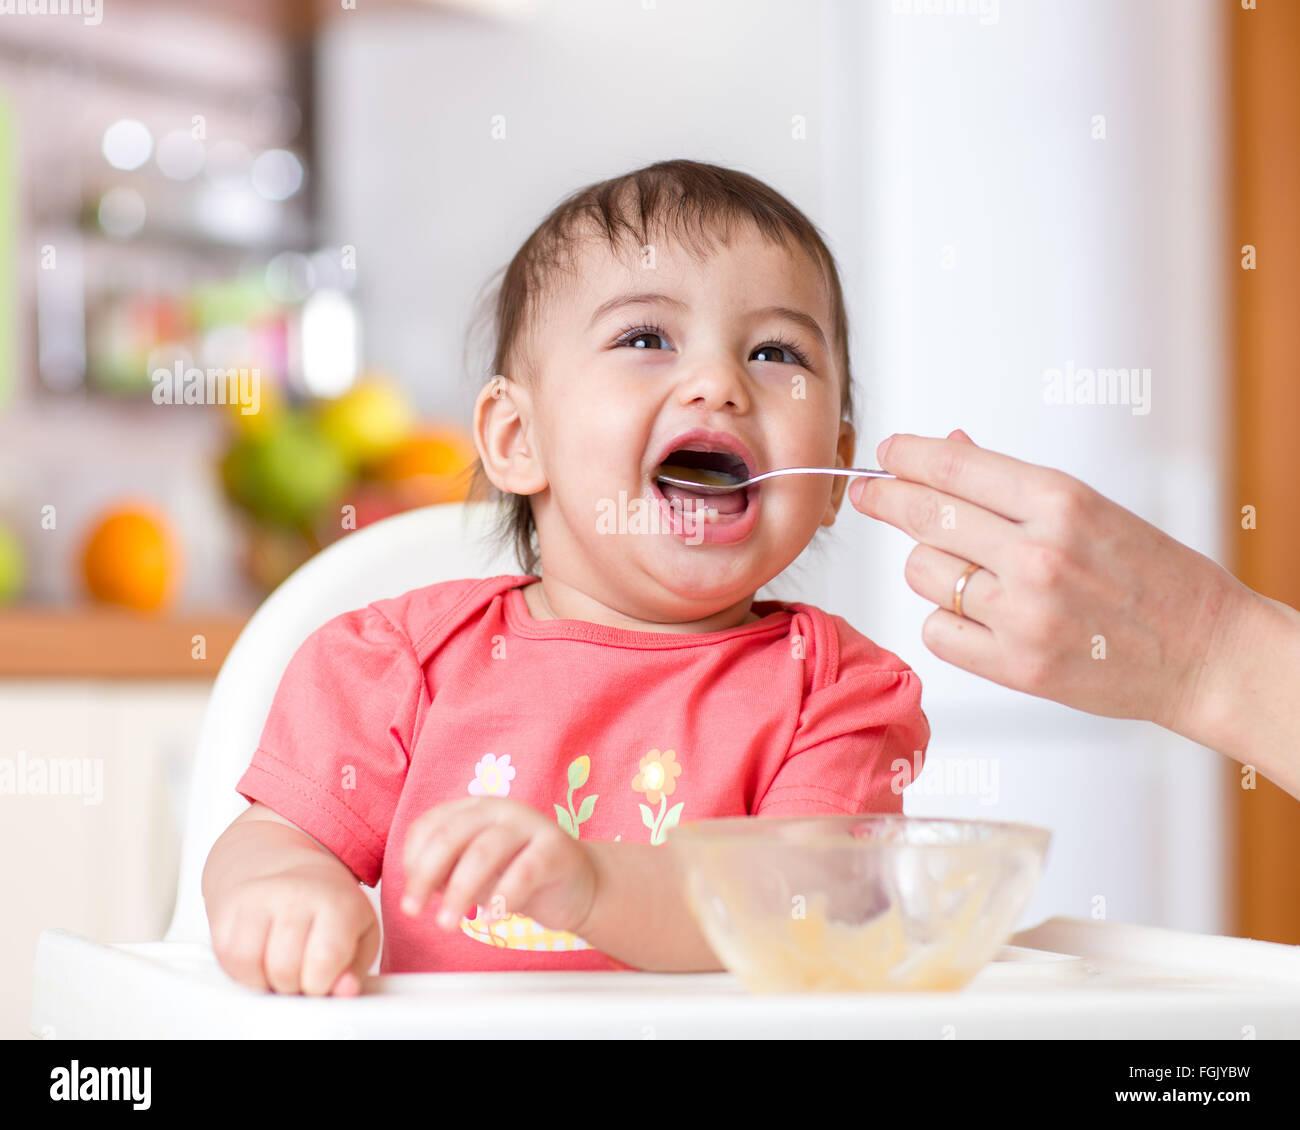 Bebé sonriente comiendo la comida en la cocina Imagen De Stock